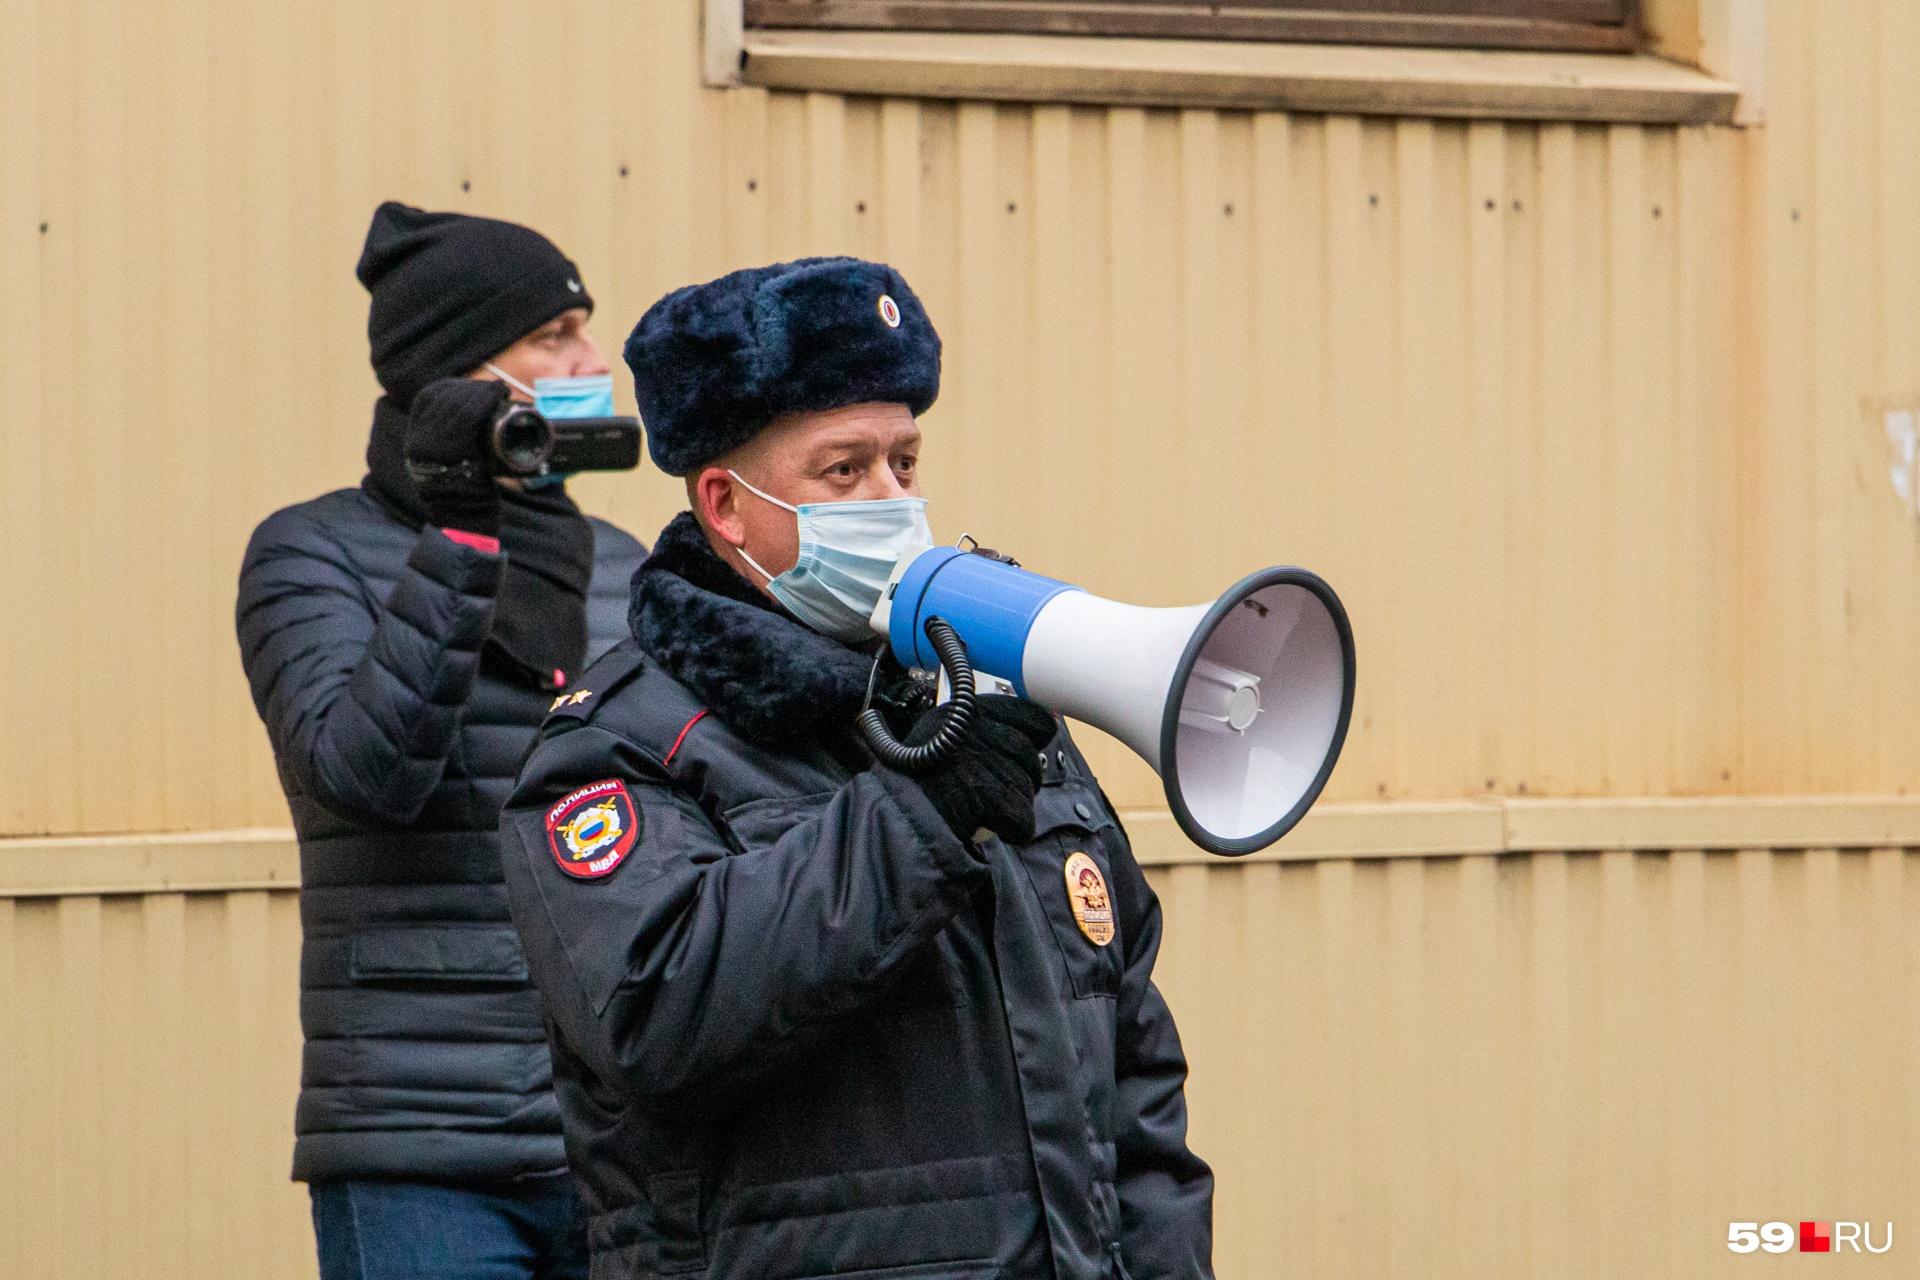 Полицейские предупредили о необходимости соблюдать дистанцию